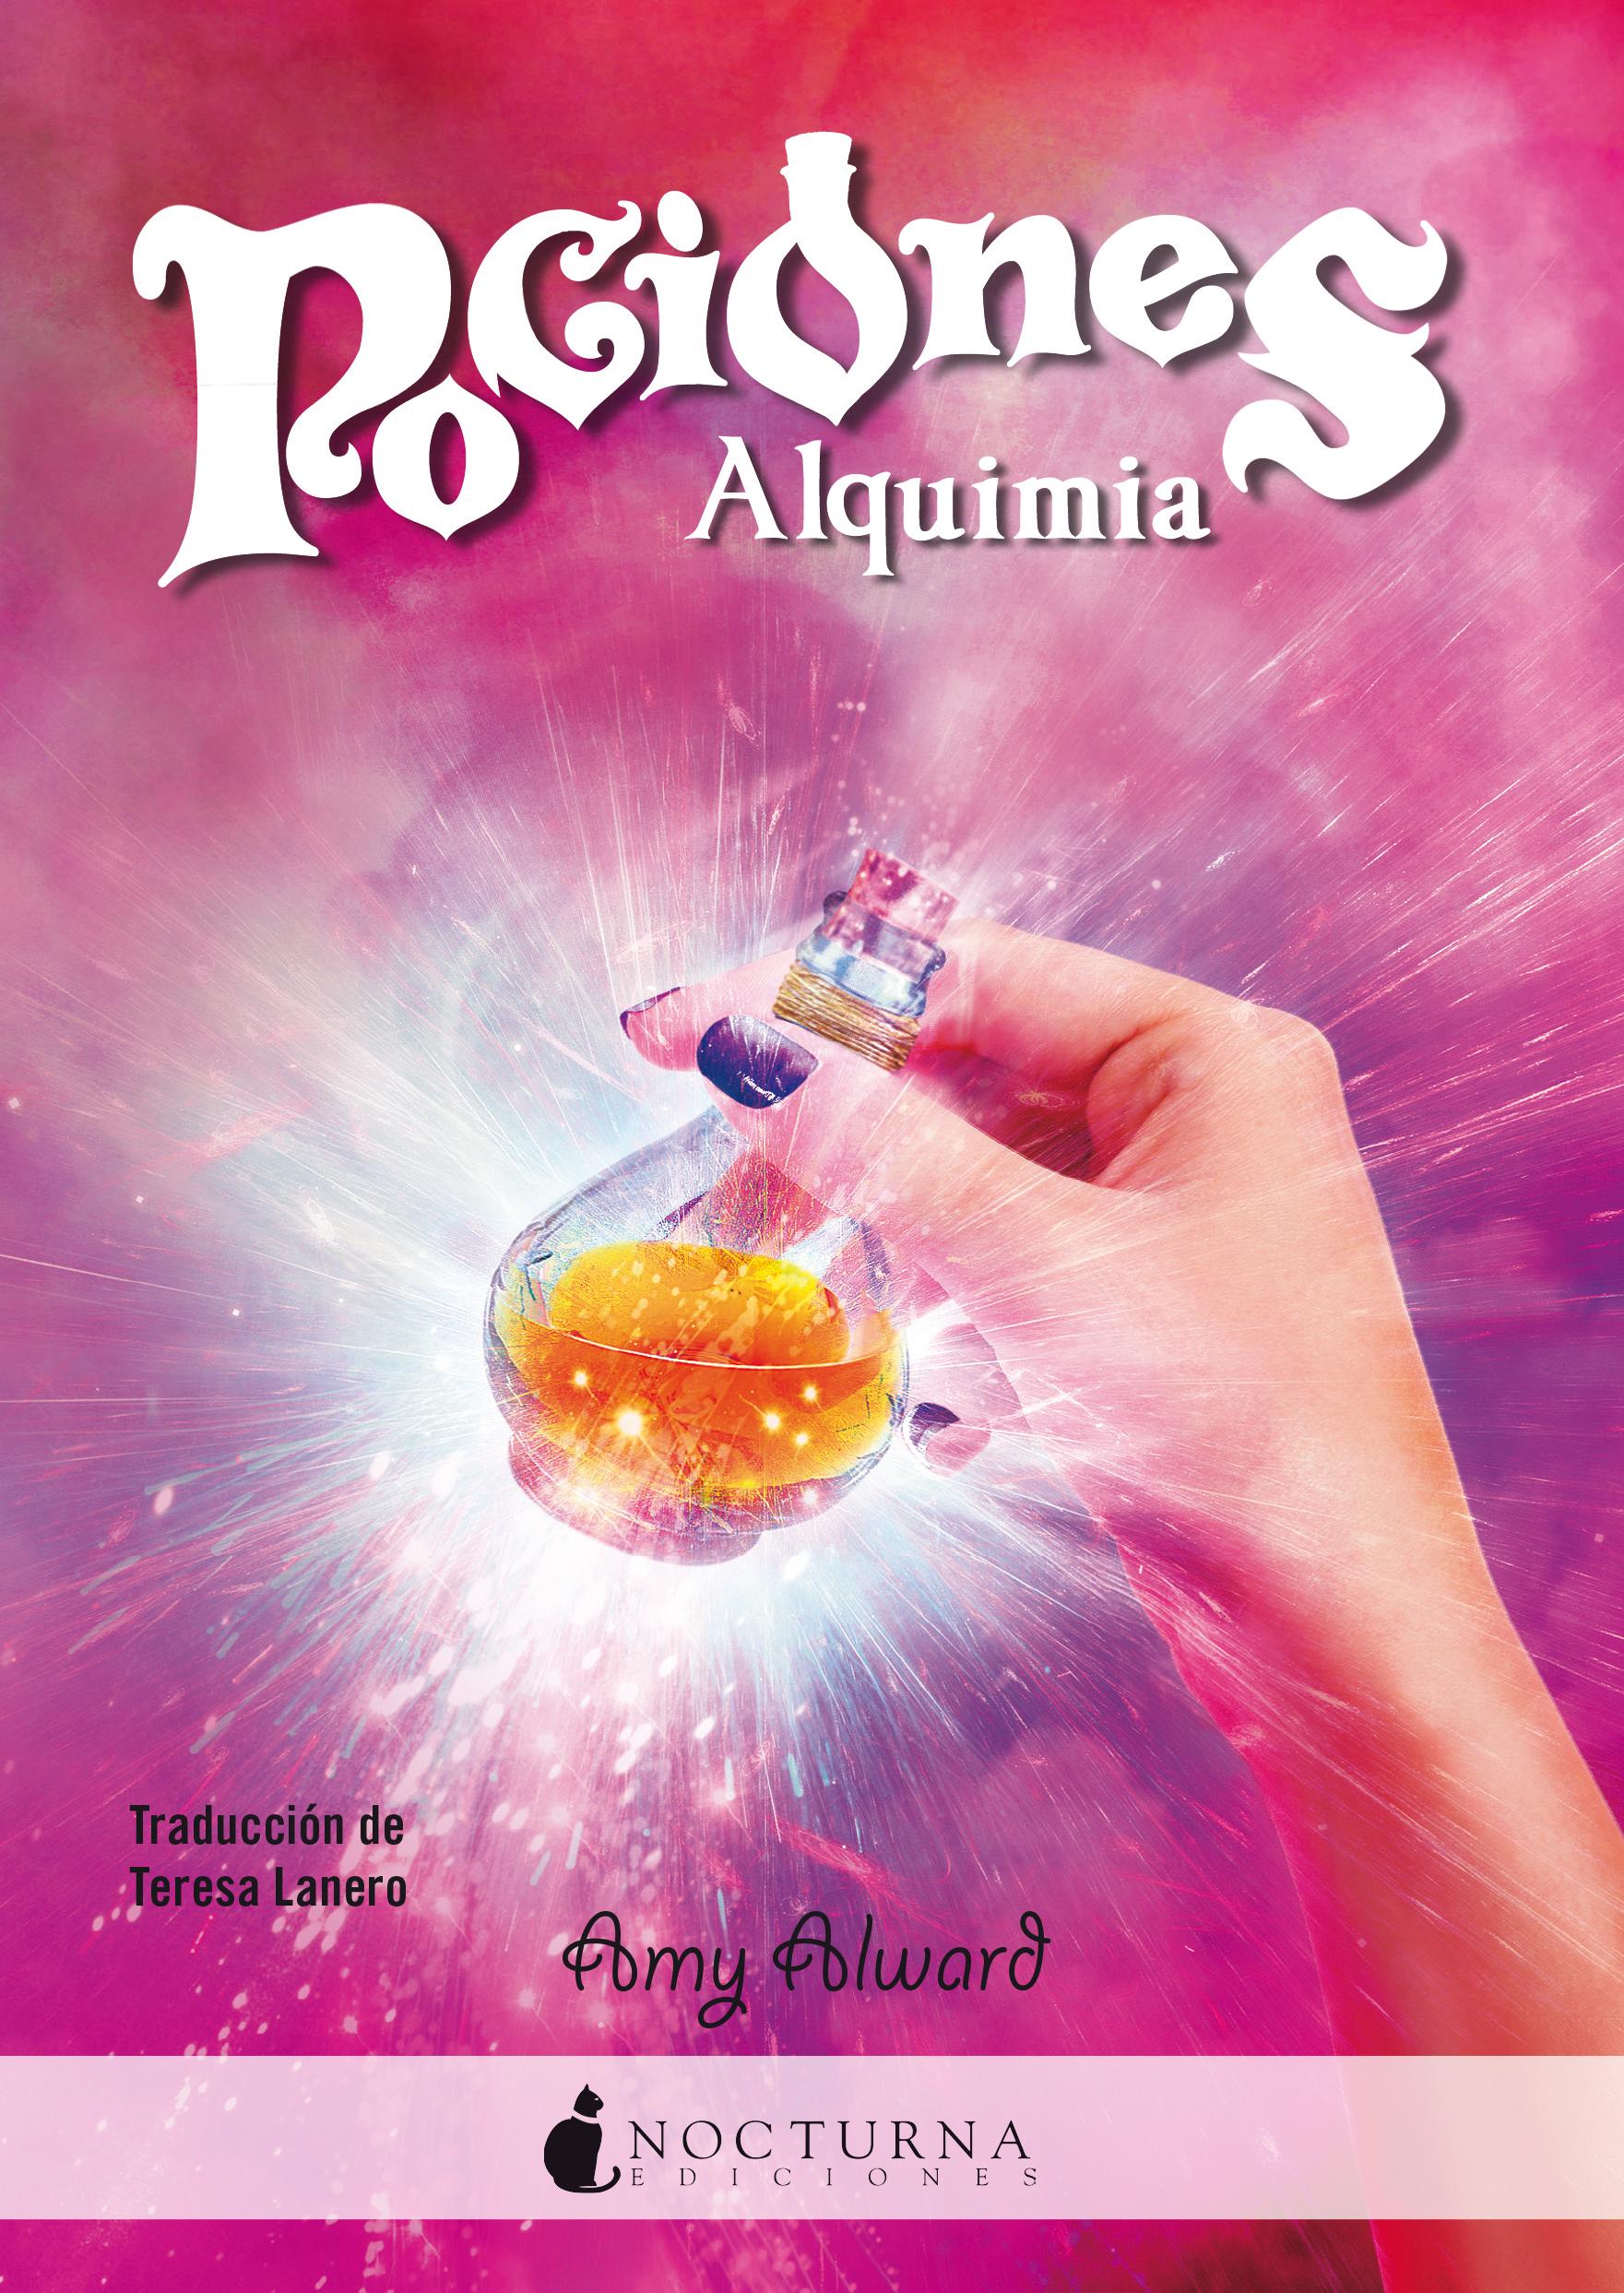 Resultado de imagen de Alquimia (Pociones III), Amy Alward Nocturna